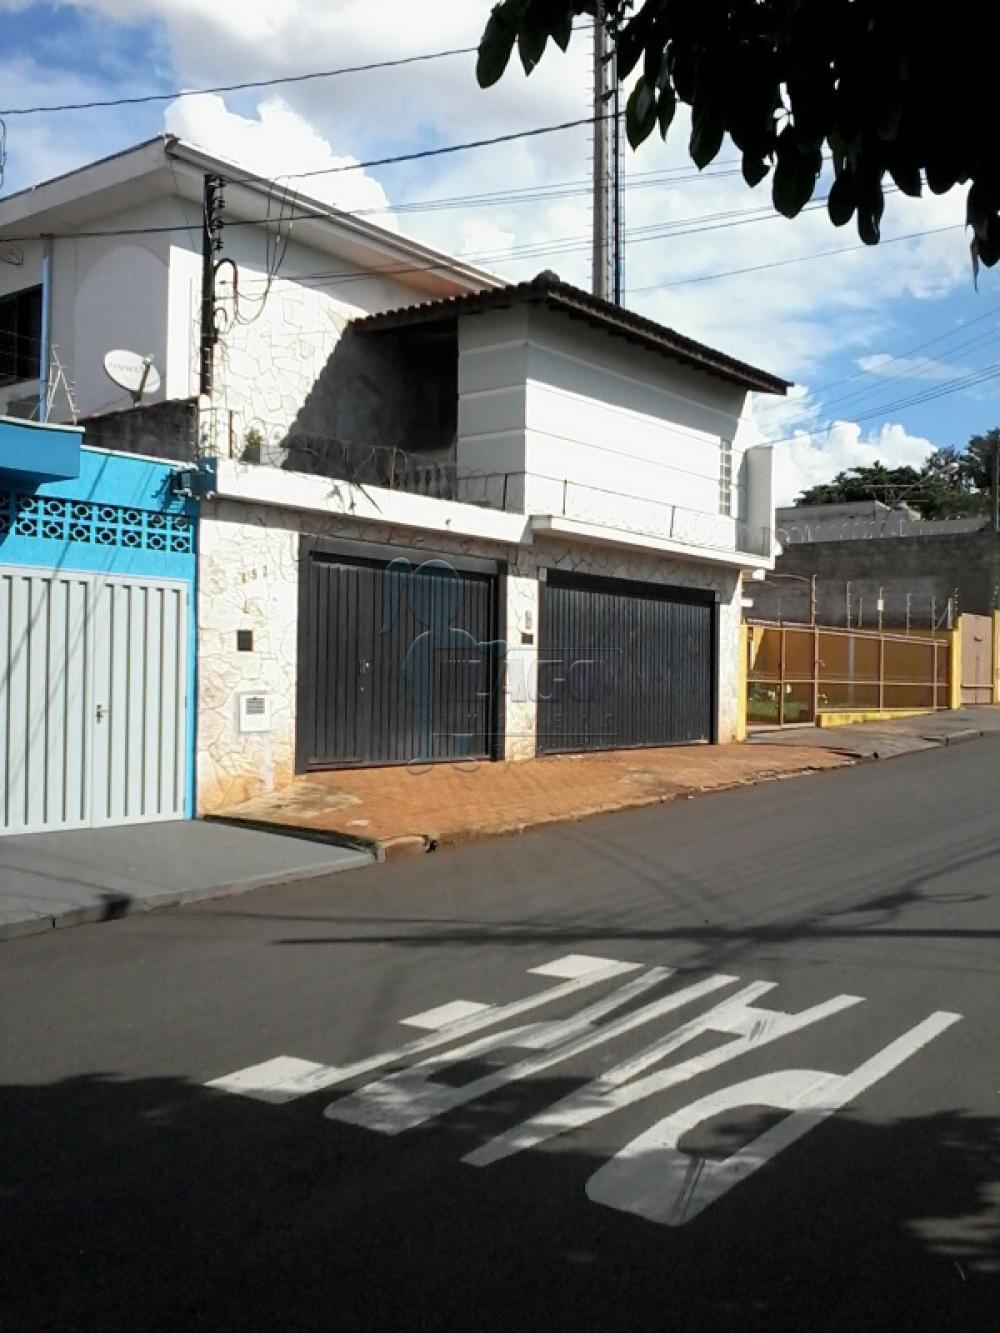 Comprar Casas / Padrão em Ribeirão Preto apenas R$ 750.000,00 - Foto 4